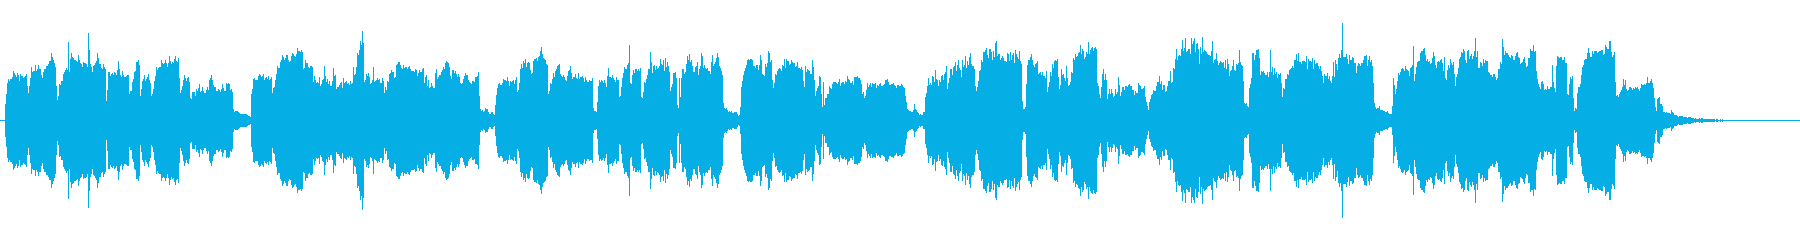 テューバの摩訶不思議なジングルの再生済みの波形